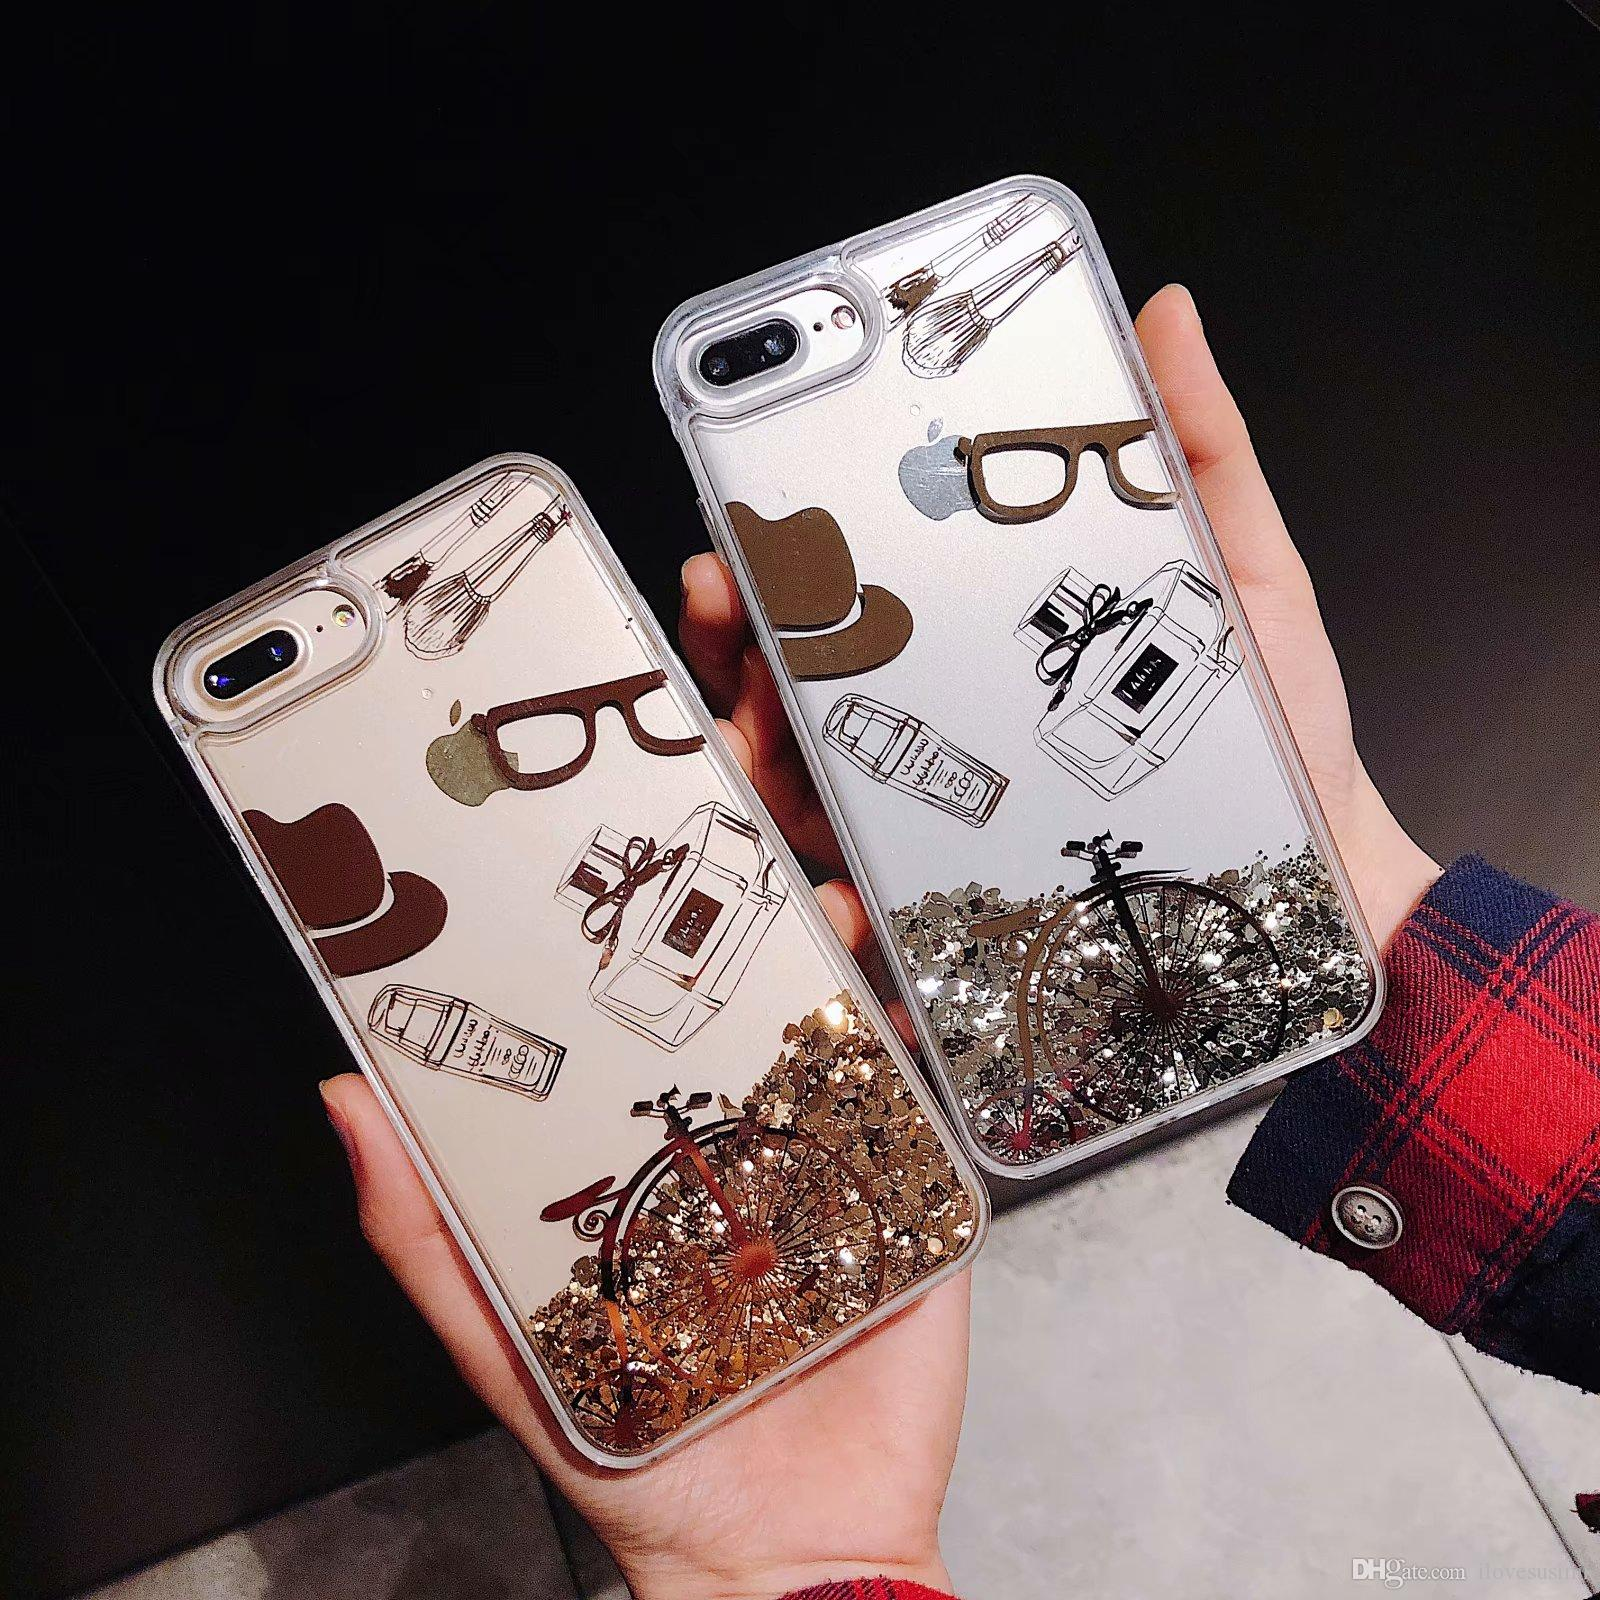 Şeffaf Telefon Kılıfları Eğlenceli Glitter Bisiklet Quicksand Sıvı kılıf Telefon Arka kapak Iphone 6 6 s artı 7 7 artı 8 8 artı x